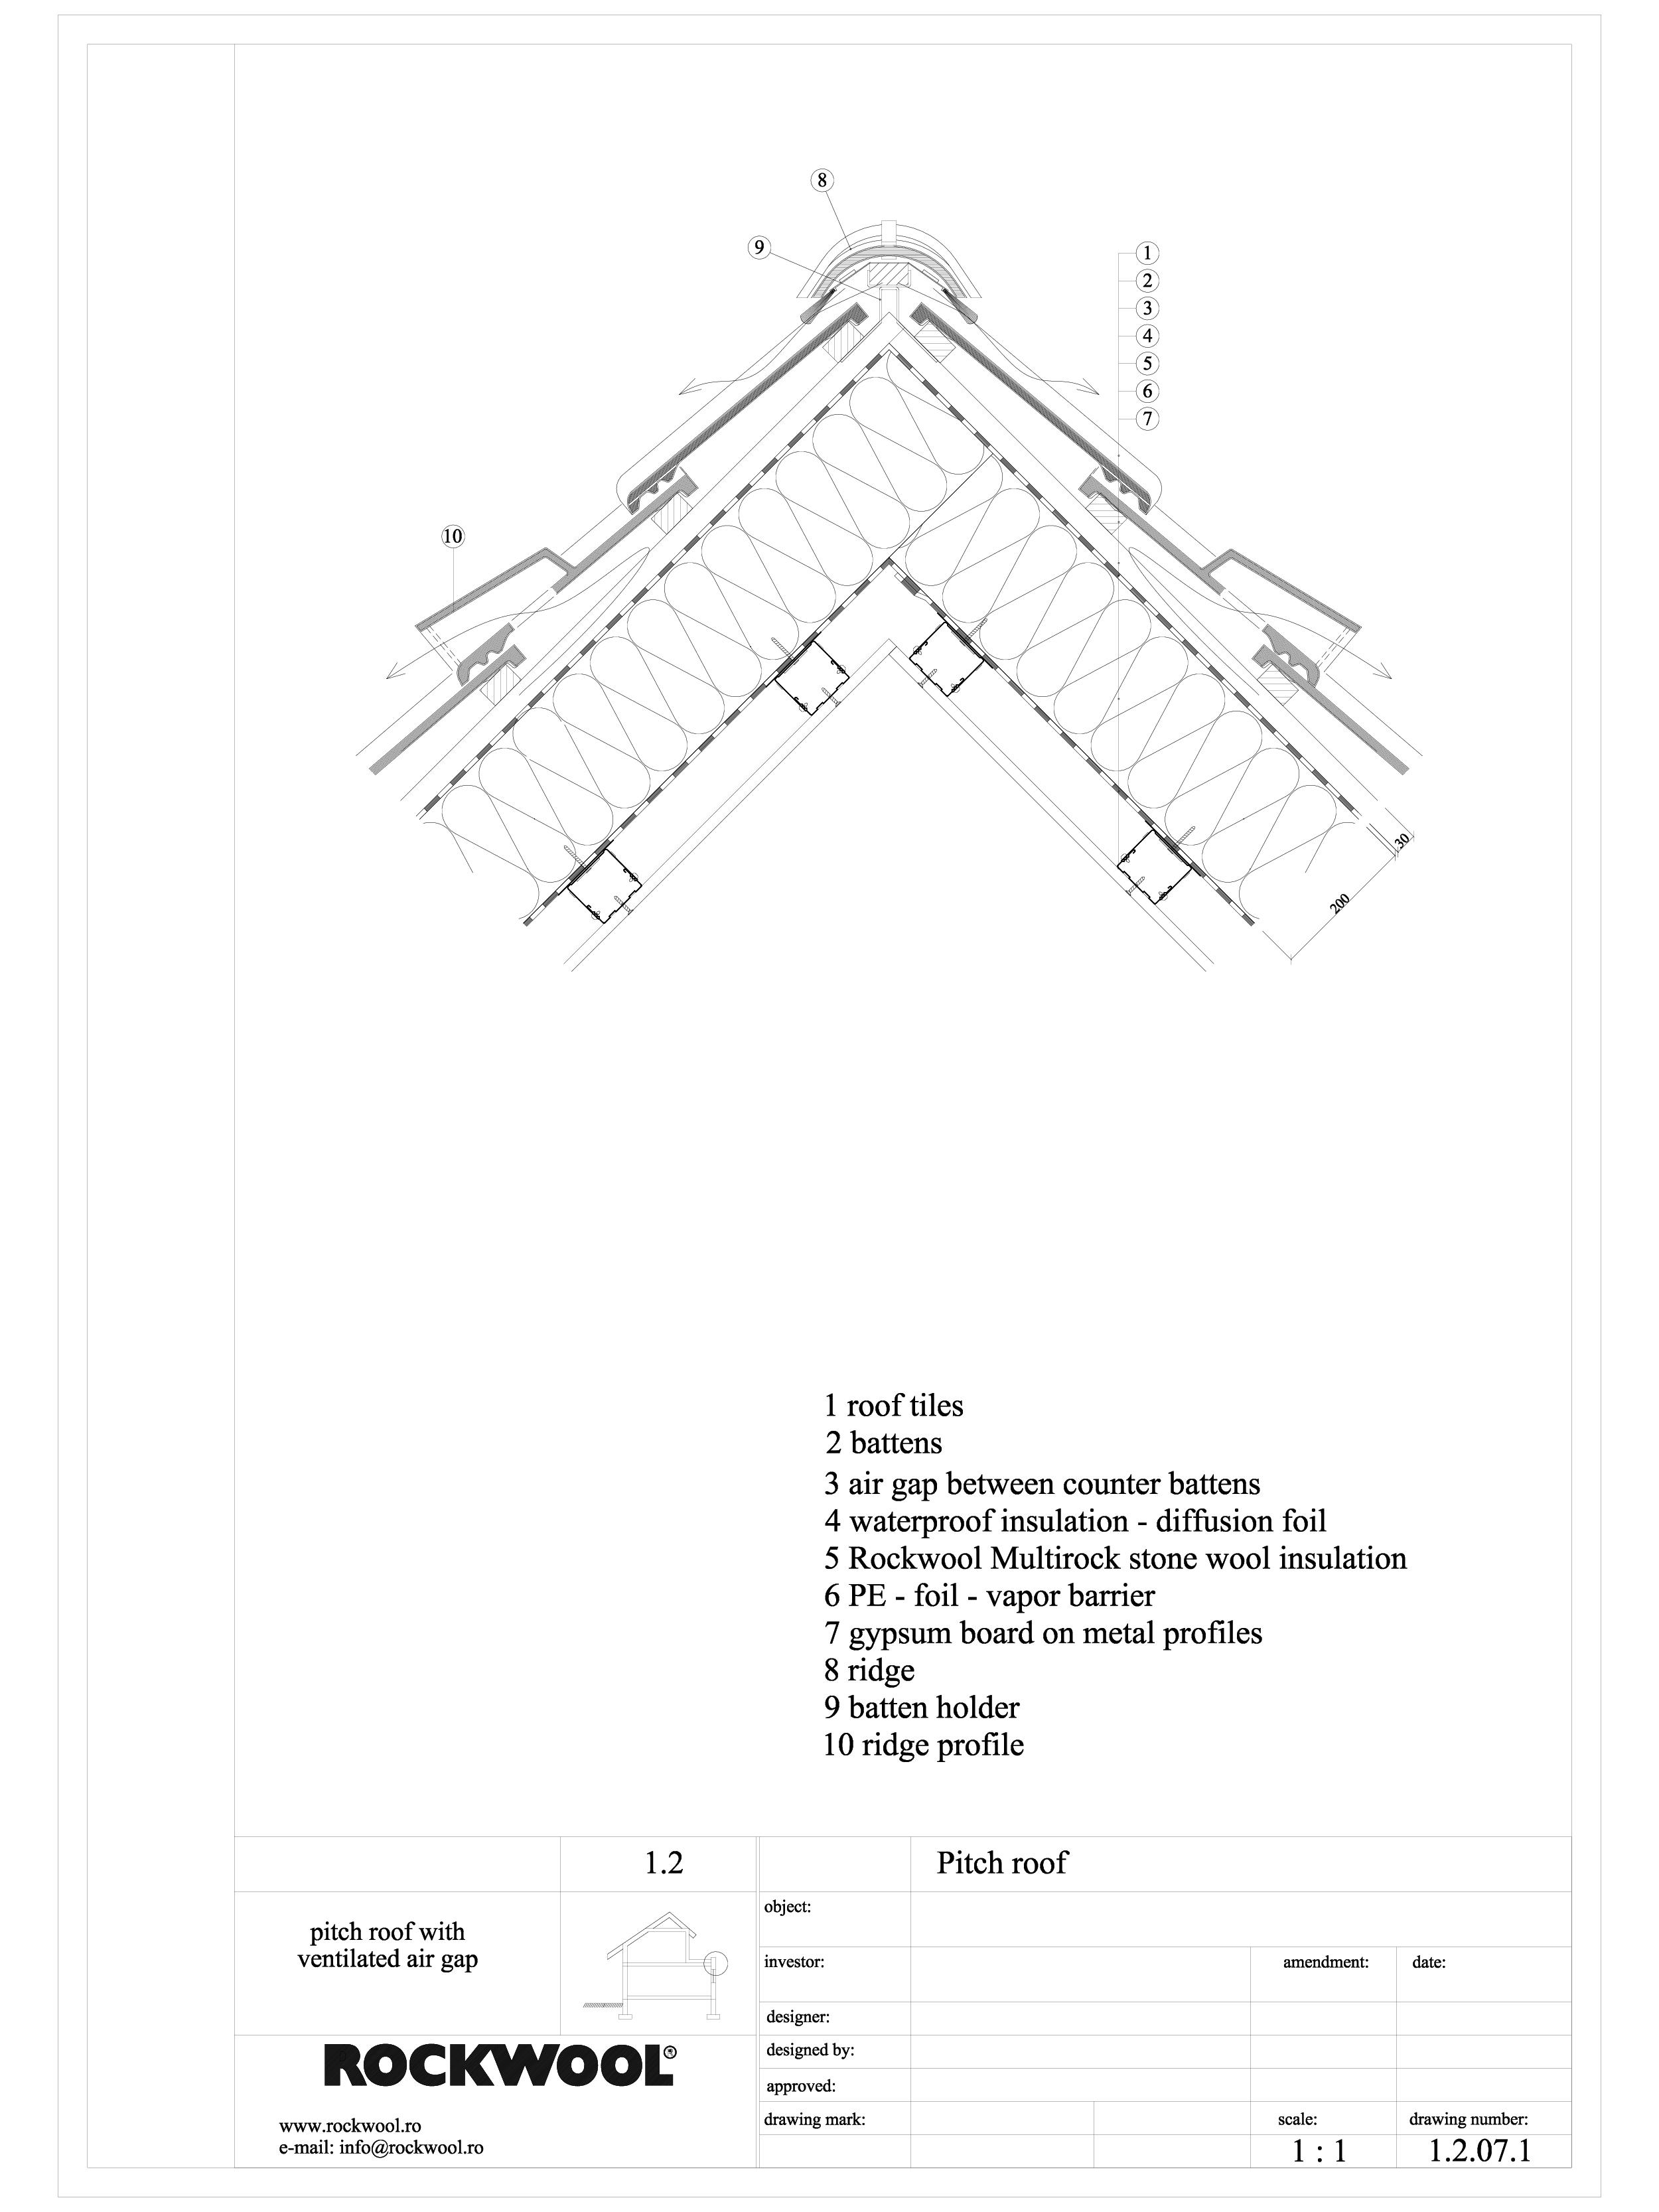 Termoizolarea acoperisului mansardat - detaliu de coama ROCKWOOL Termoizolatie vata bazaltica pentru acoperisuri ROCKWOOL ROMANIA  - Pagina 1